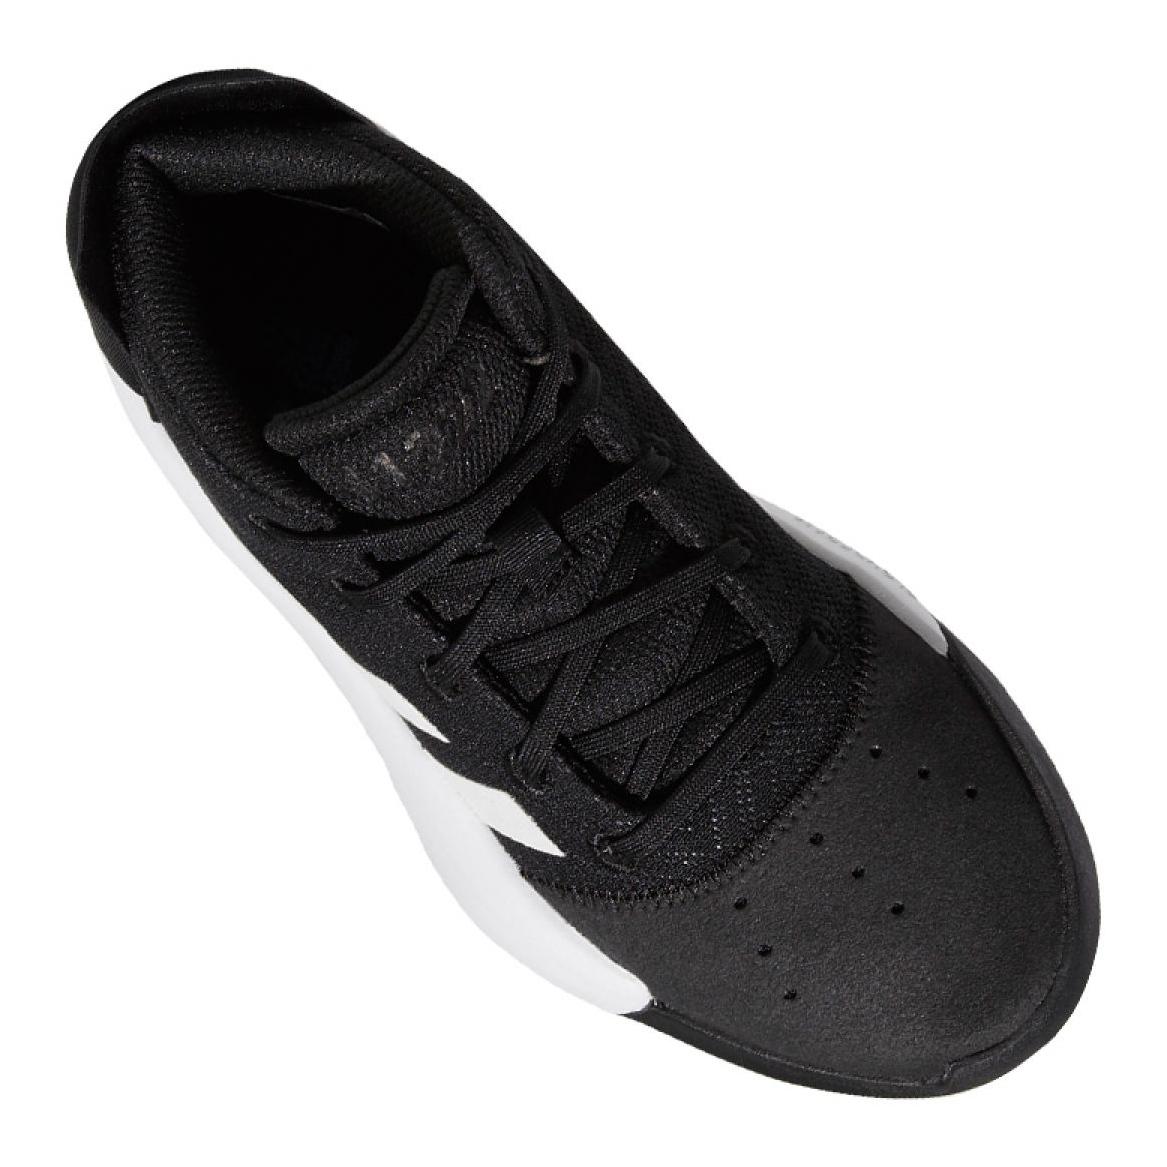 Adidas Pro Adversary 2019 K Jr BB9123 cipő fekete fekete